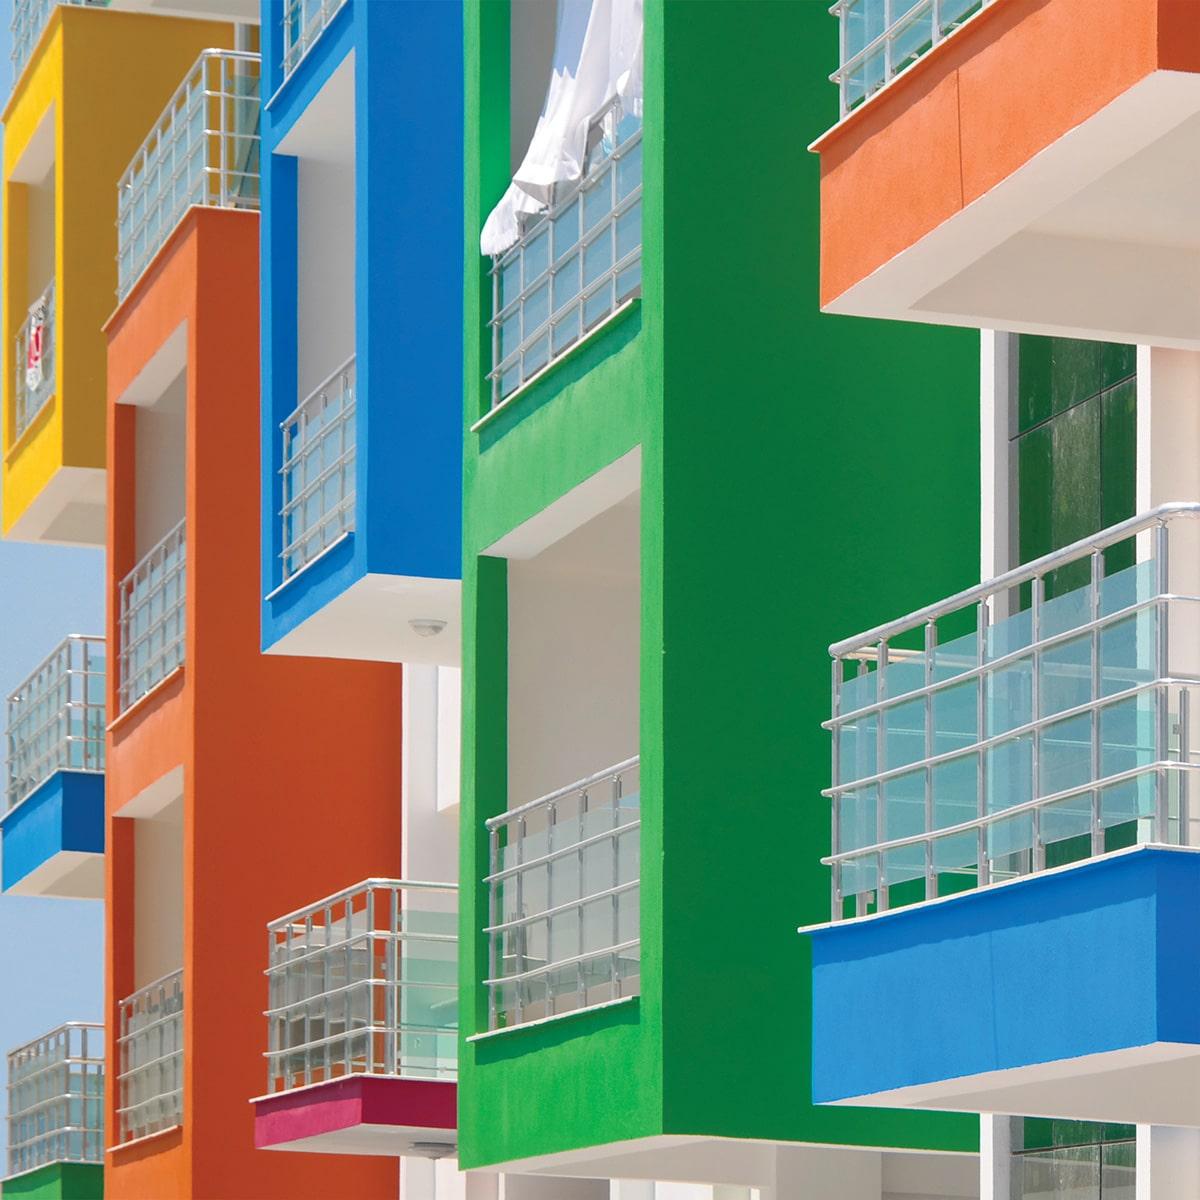 Edificio con ventanas coloridas